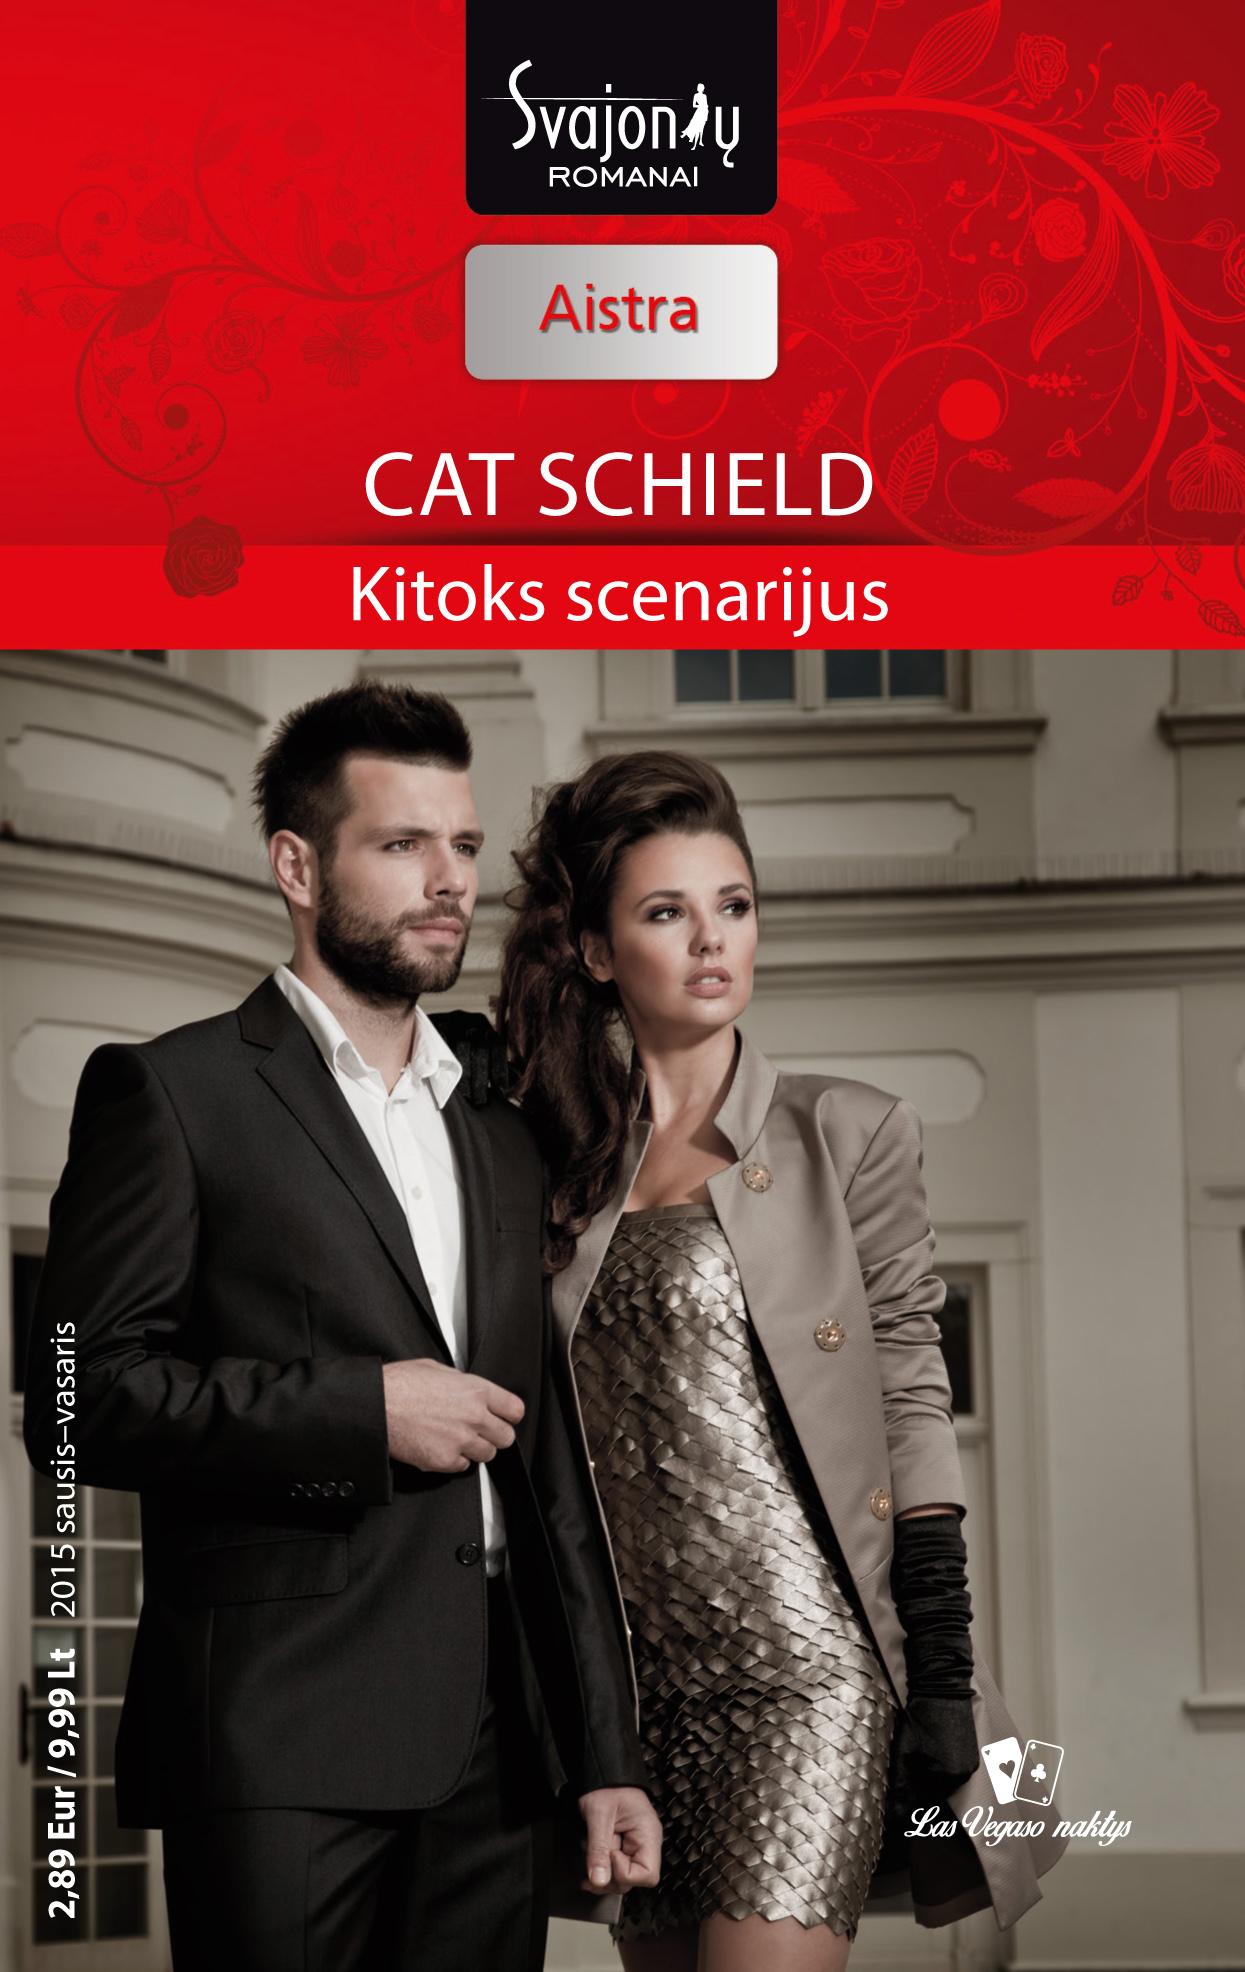 Cat Schield Kitoks scenarijus sarah mayberry karštos naktys kitoje pasaulio pusėje